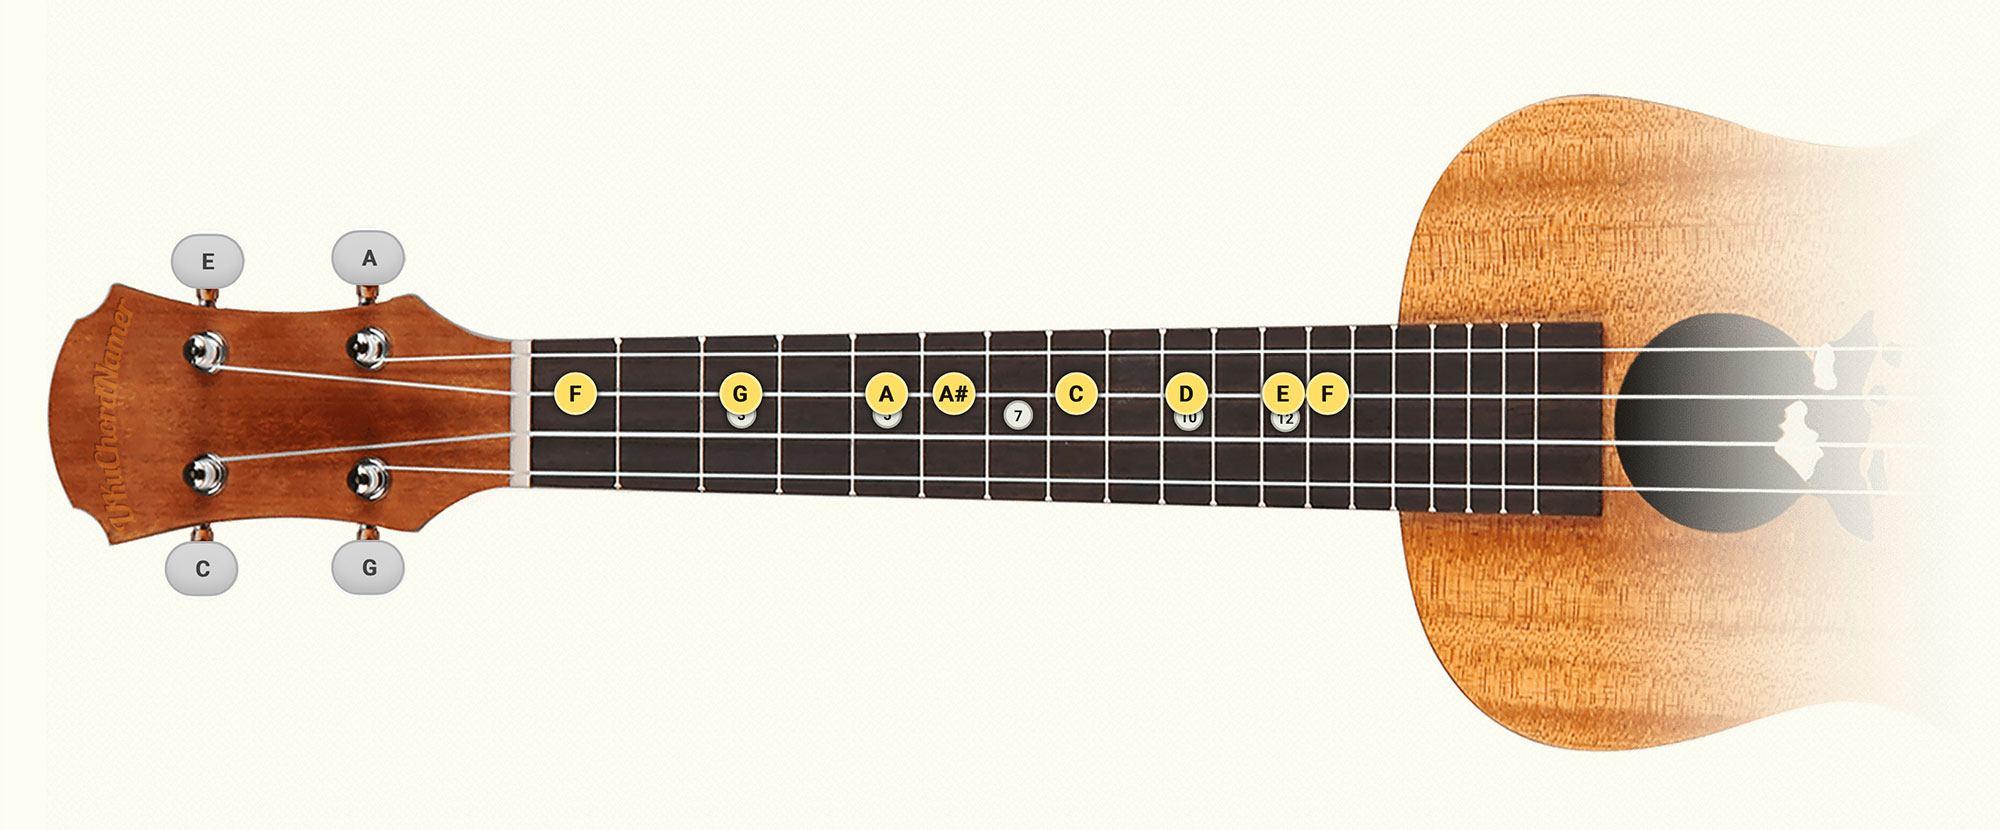 F major ukulele scale